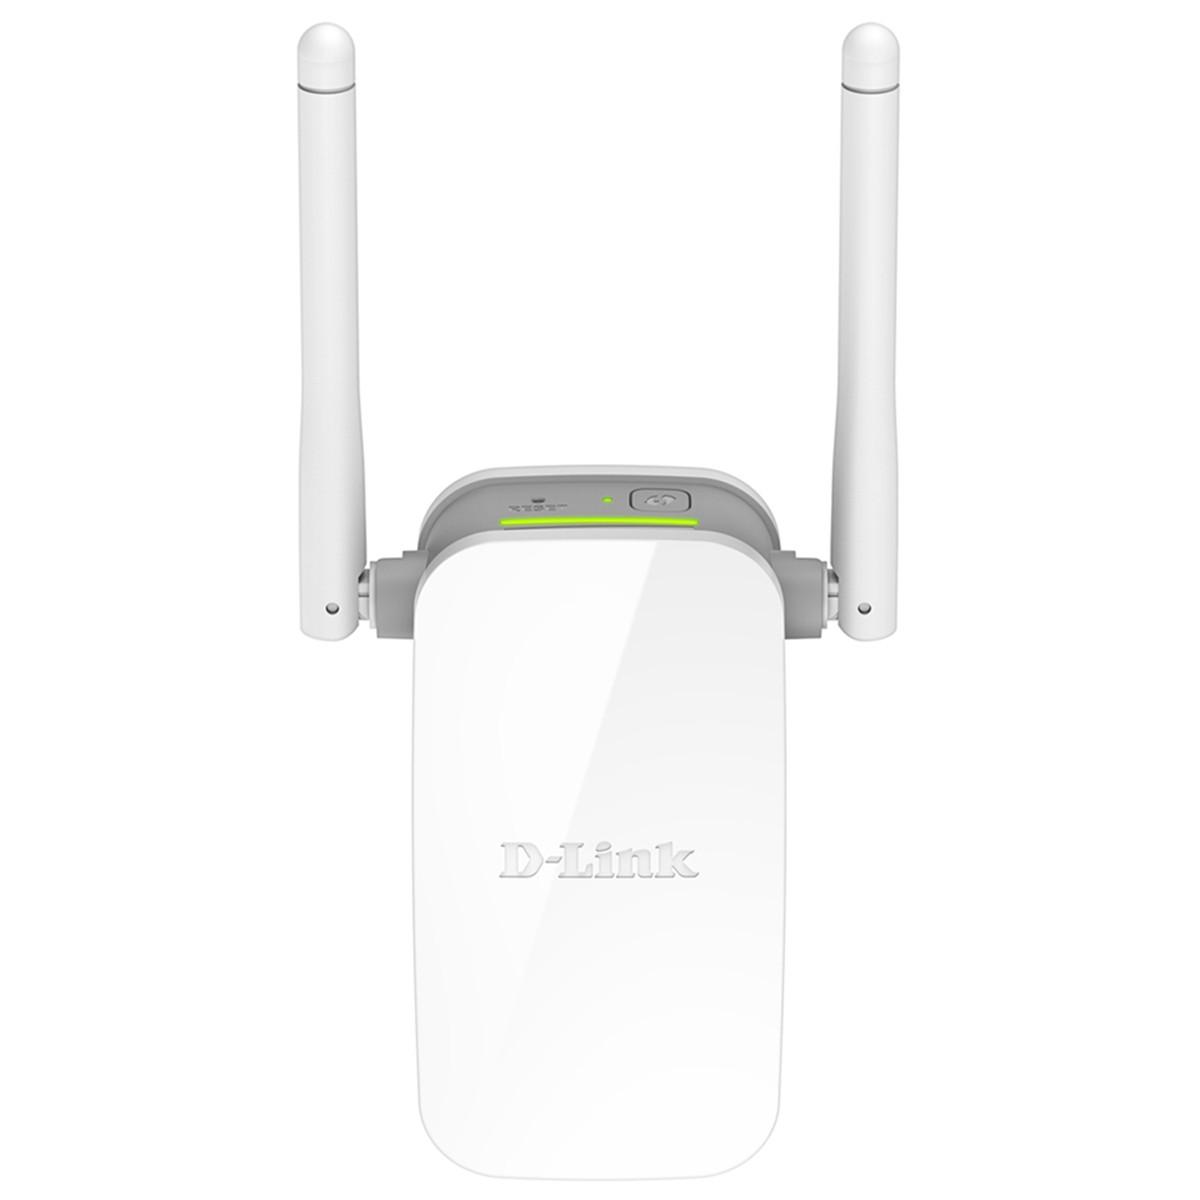 Repetidor de Wireless D-Link DAP-1325 N300 300Mbps com 02 Antenas Externas